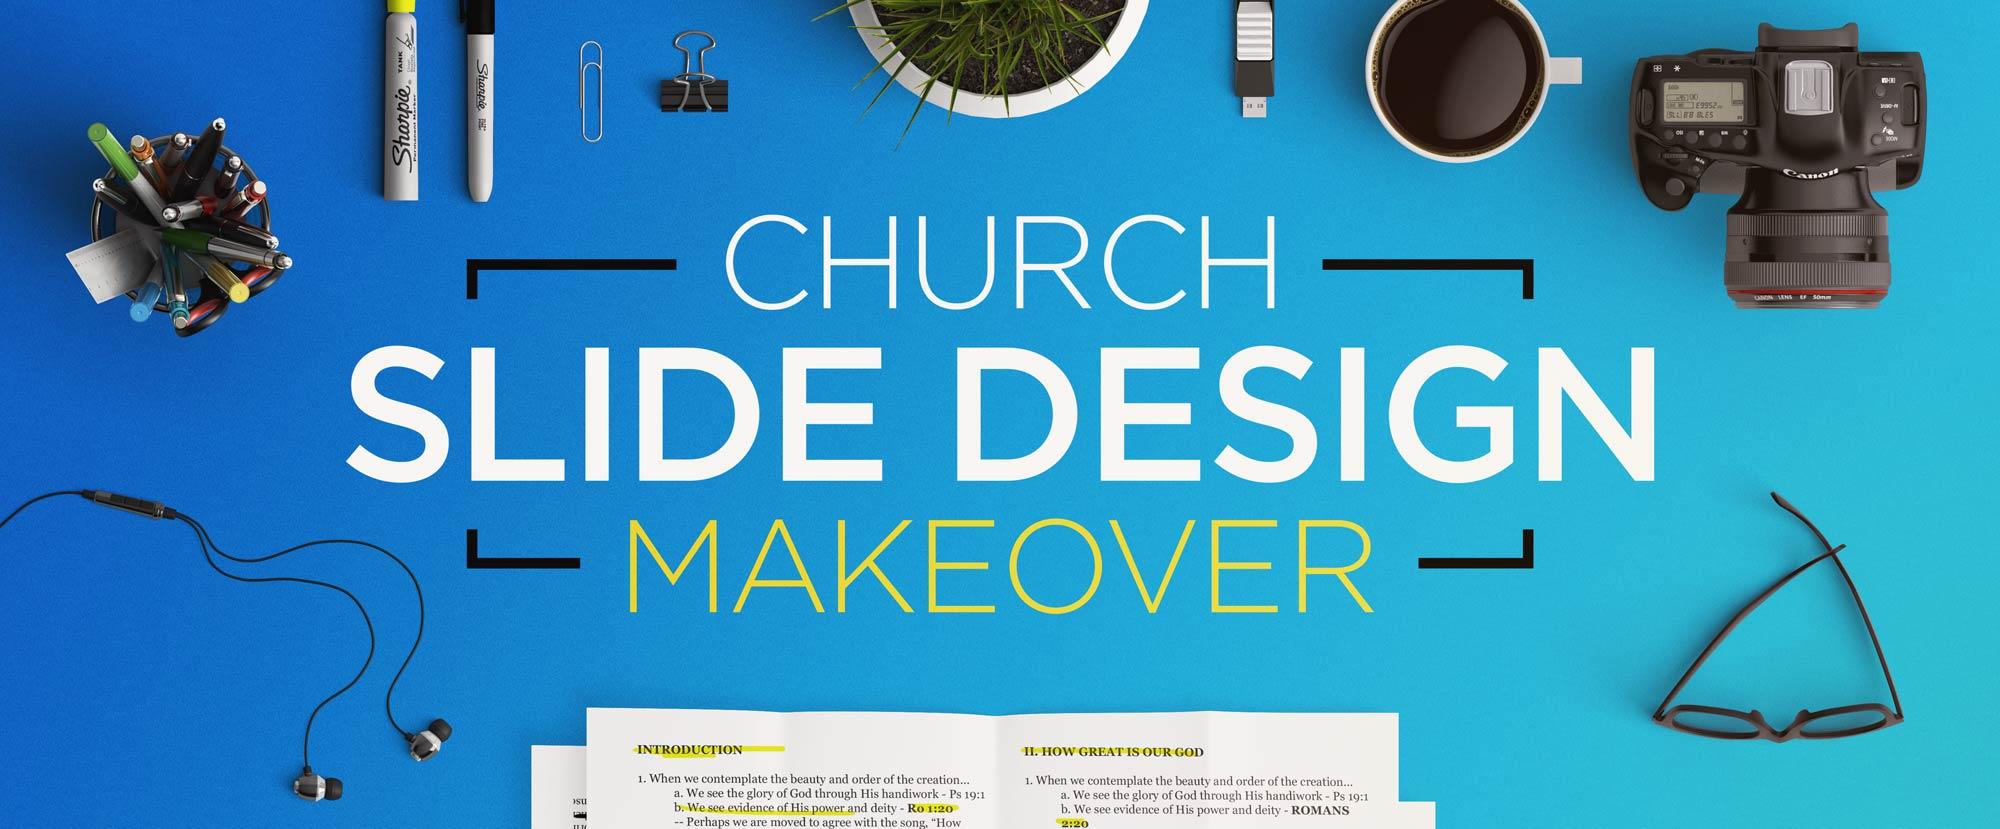 Church Slide Design Makeover